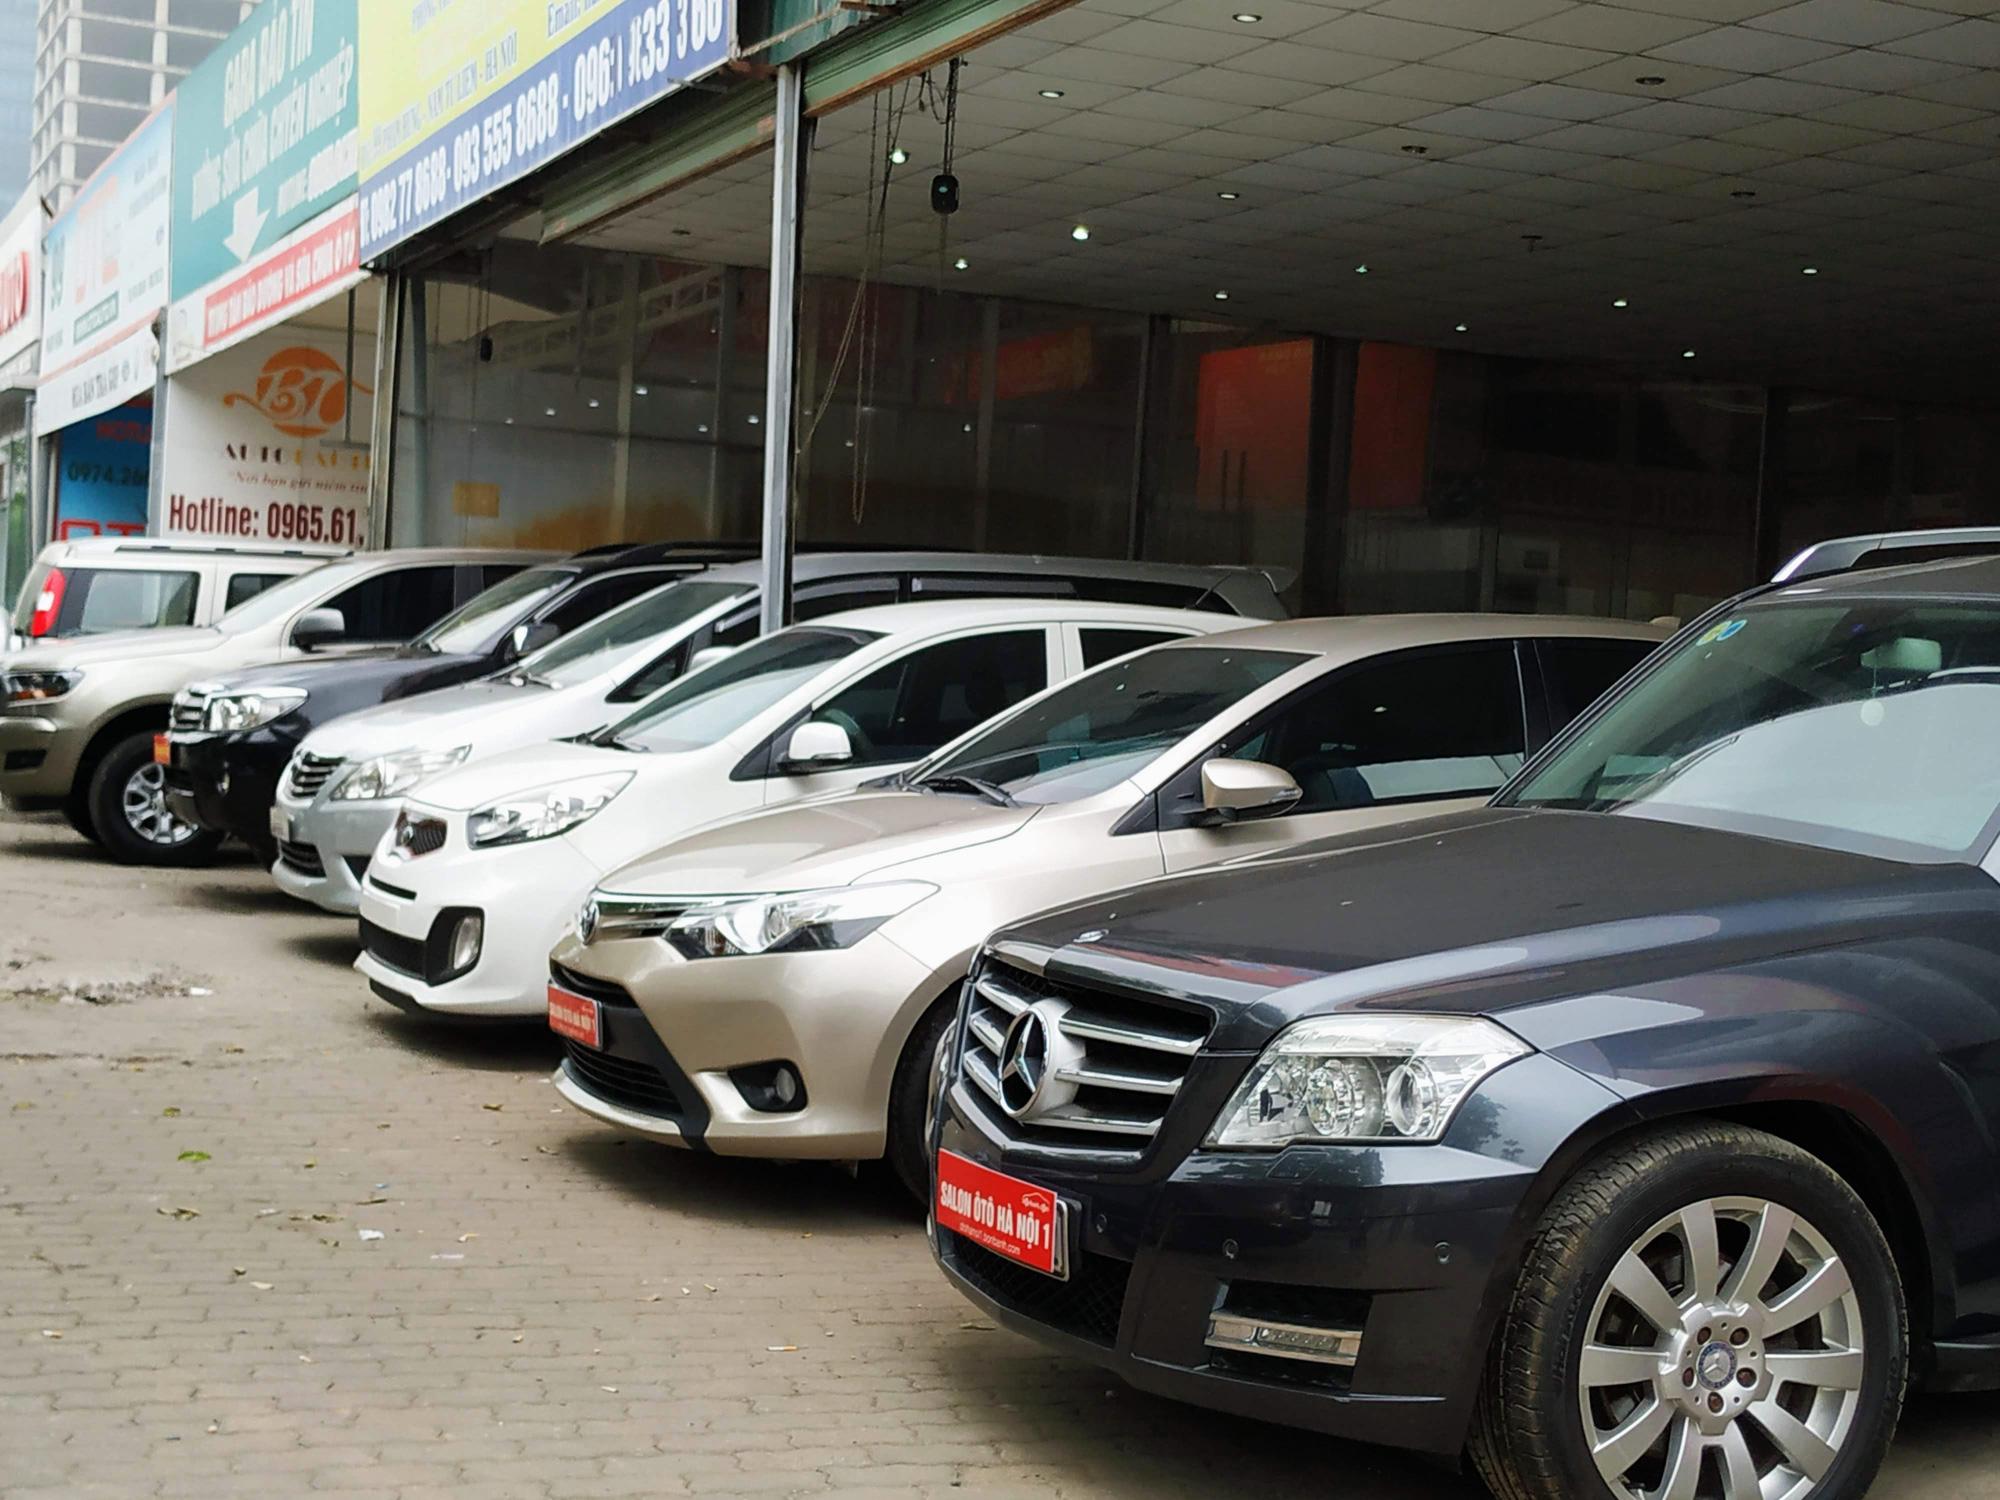 Xe VinFast, Toyota, Hyundai giảm cả trăm triệu đồng khi lệ phí trước bạ được điều chỉnh - Ảnh 1.